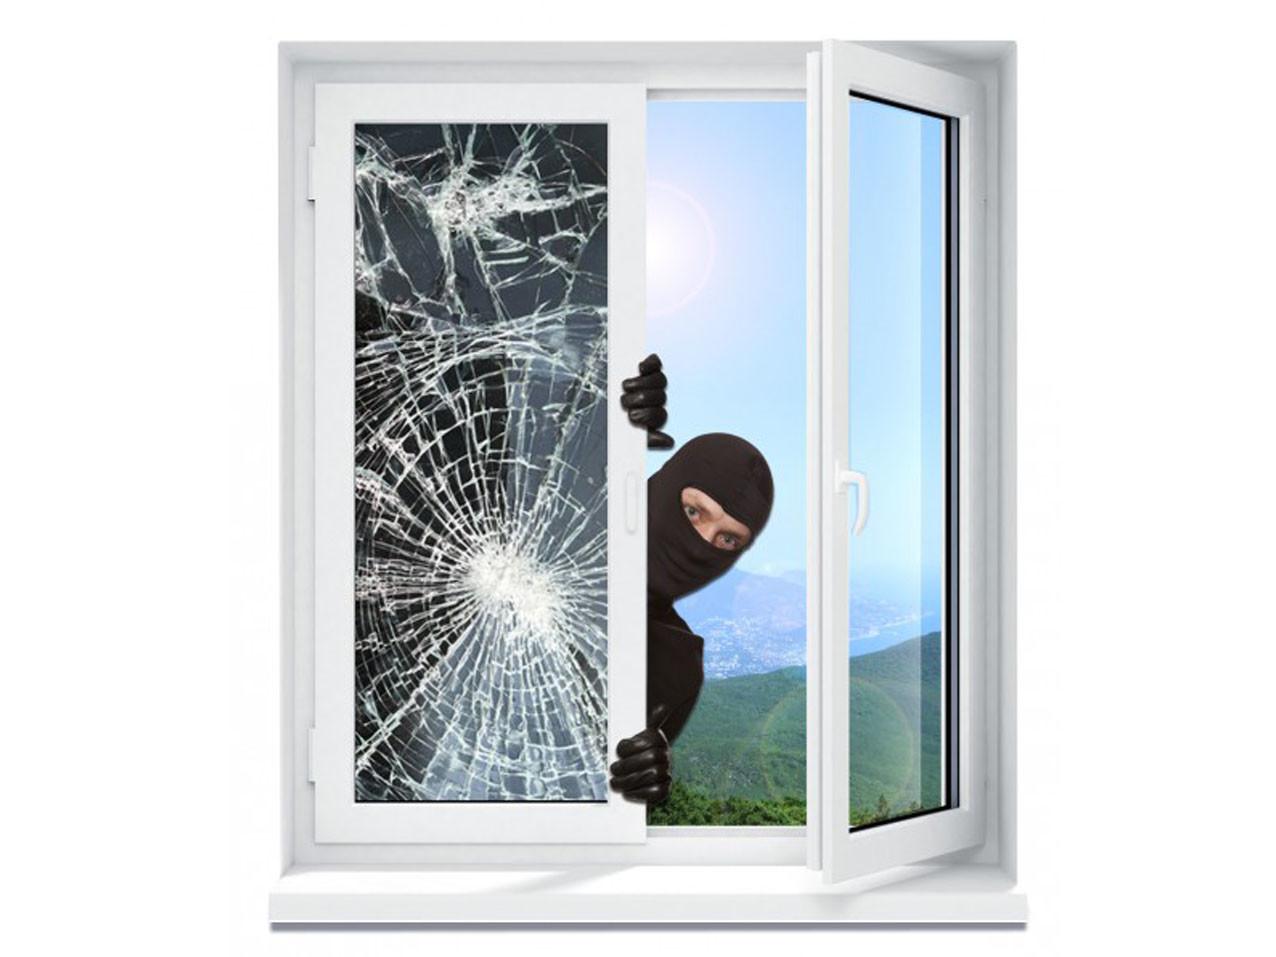 Full Size of Sicherheitsfolie Fenster Auf Tren Montage Test Braun Günstig Kaufen Mit Lüftung Sonnenschutzfolie Innen Runde Folien Für Einbruchsicher Einbruchsicherung Fenster Sicherheitsfolie Fenster